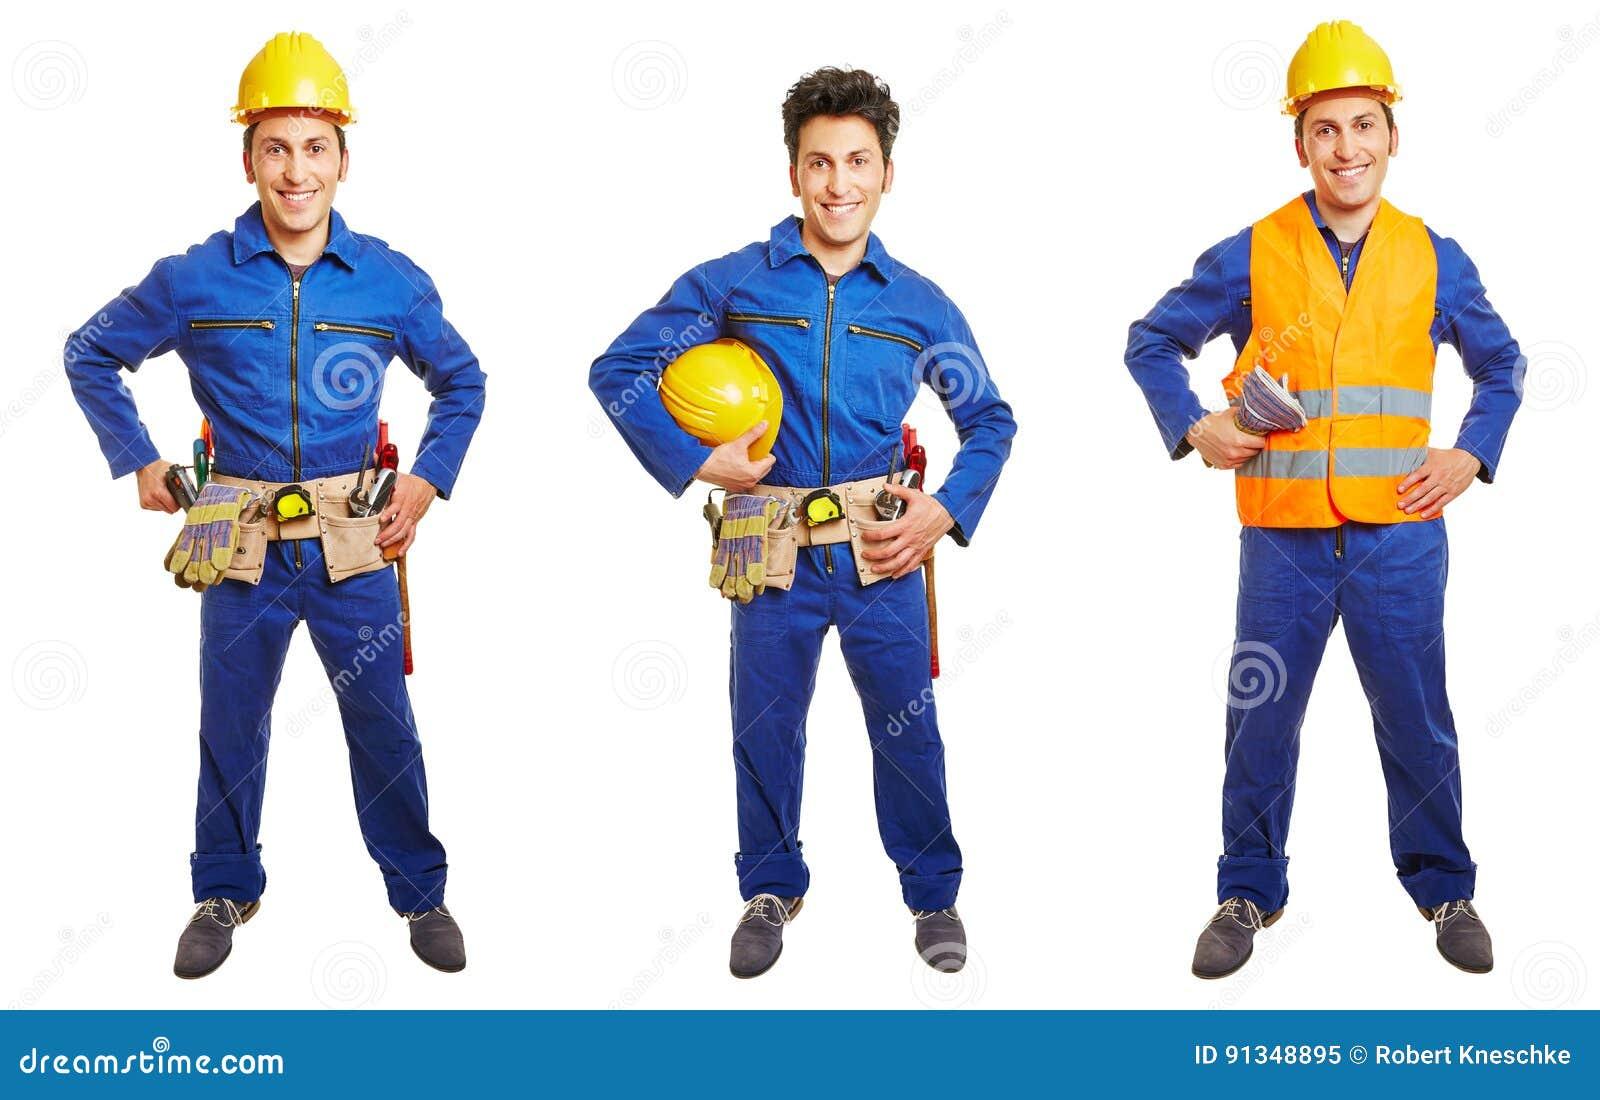 Drie versies van handarbeider